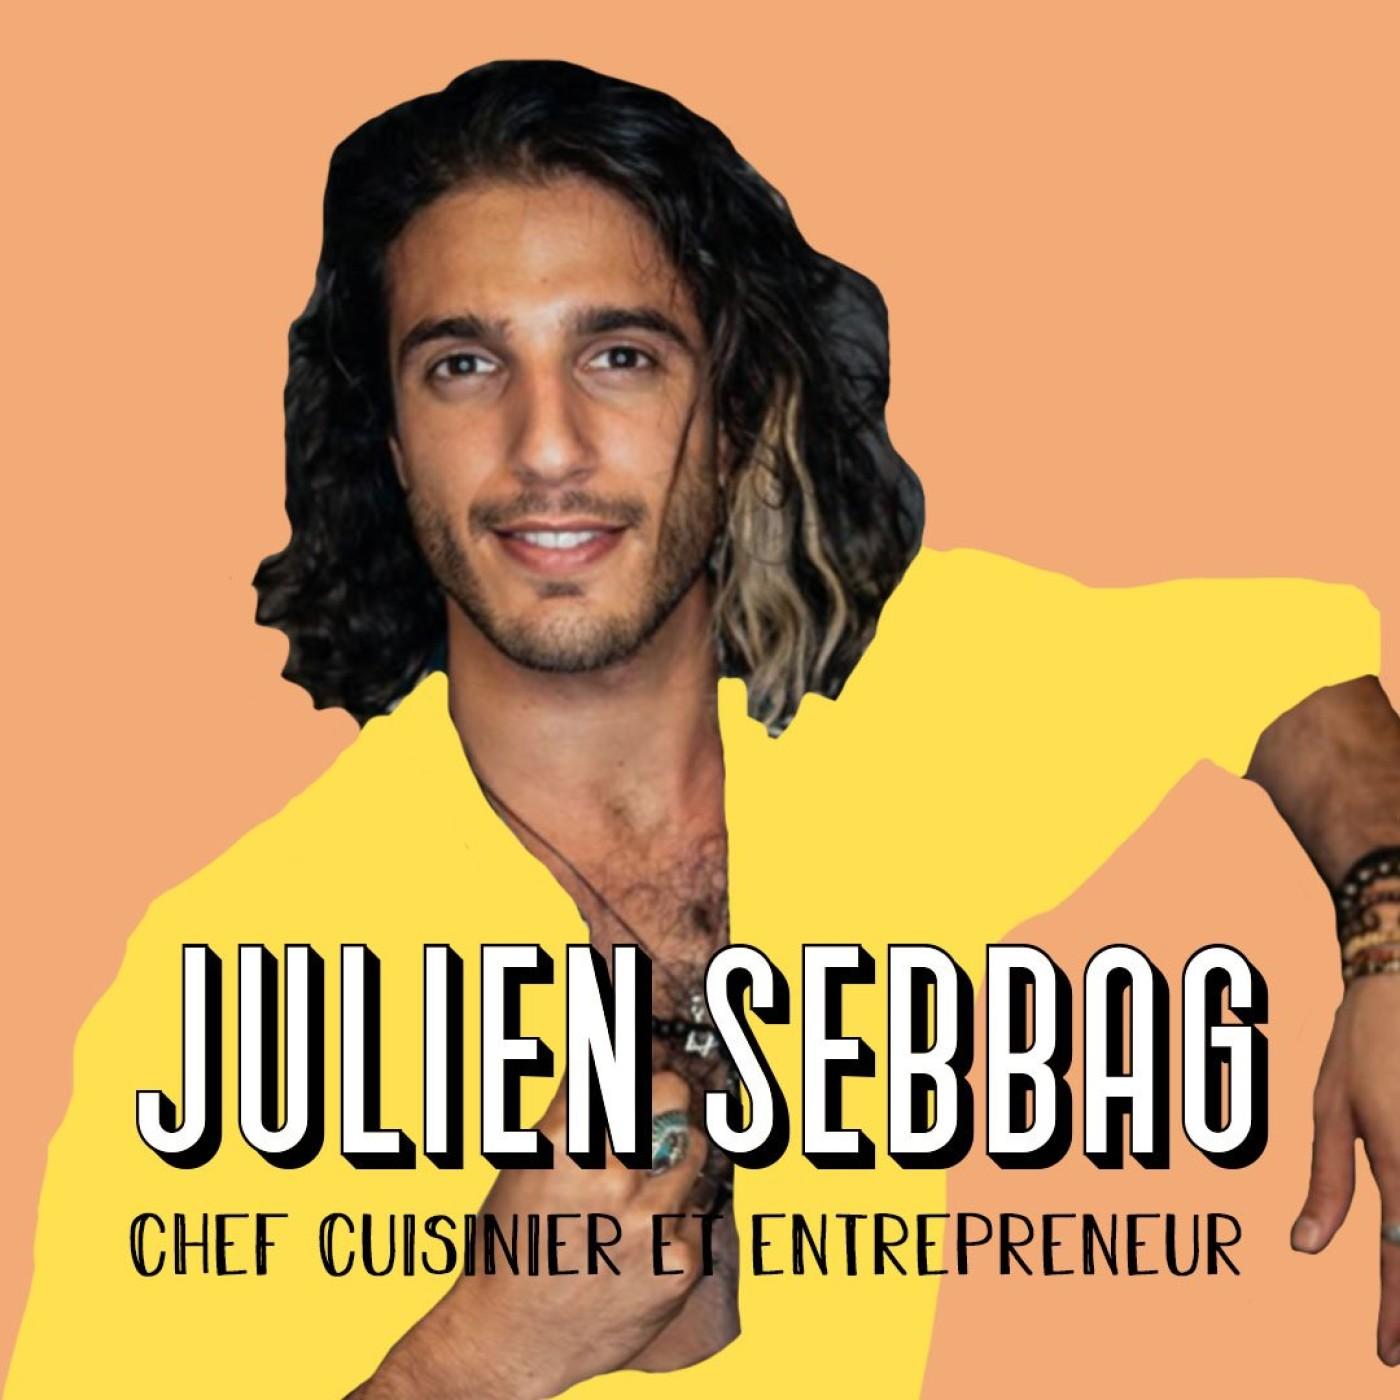 Julien Sebbag, Chef Cuisinier et Entrepreneur - Tu en es capable